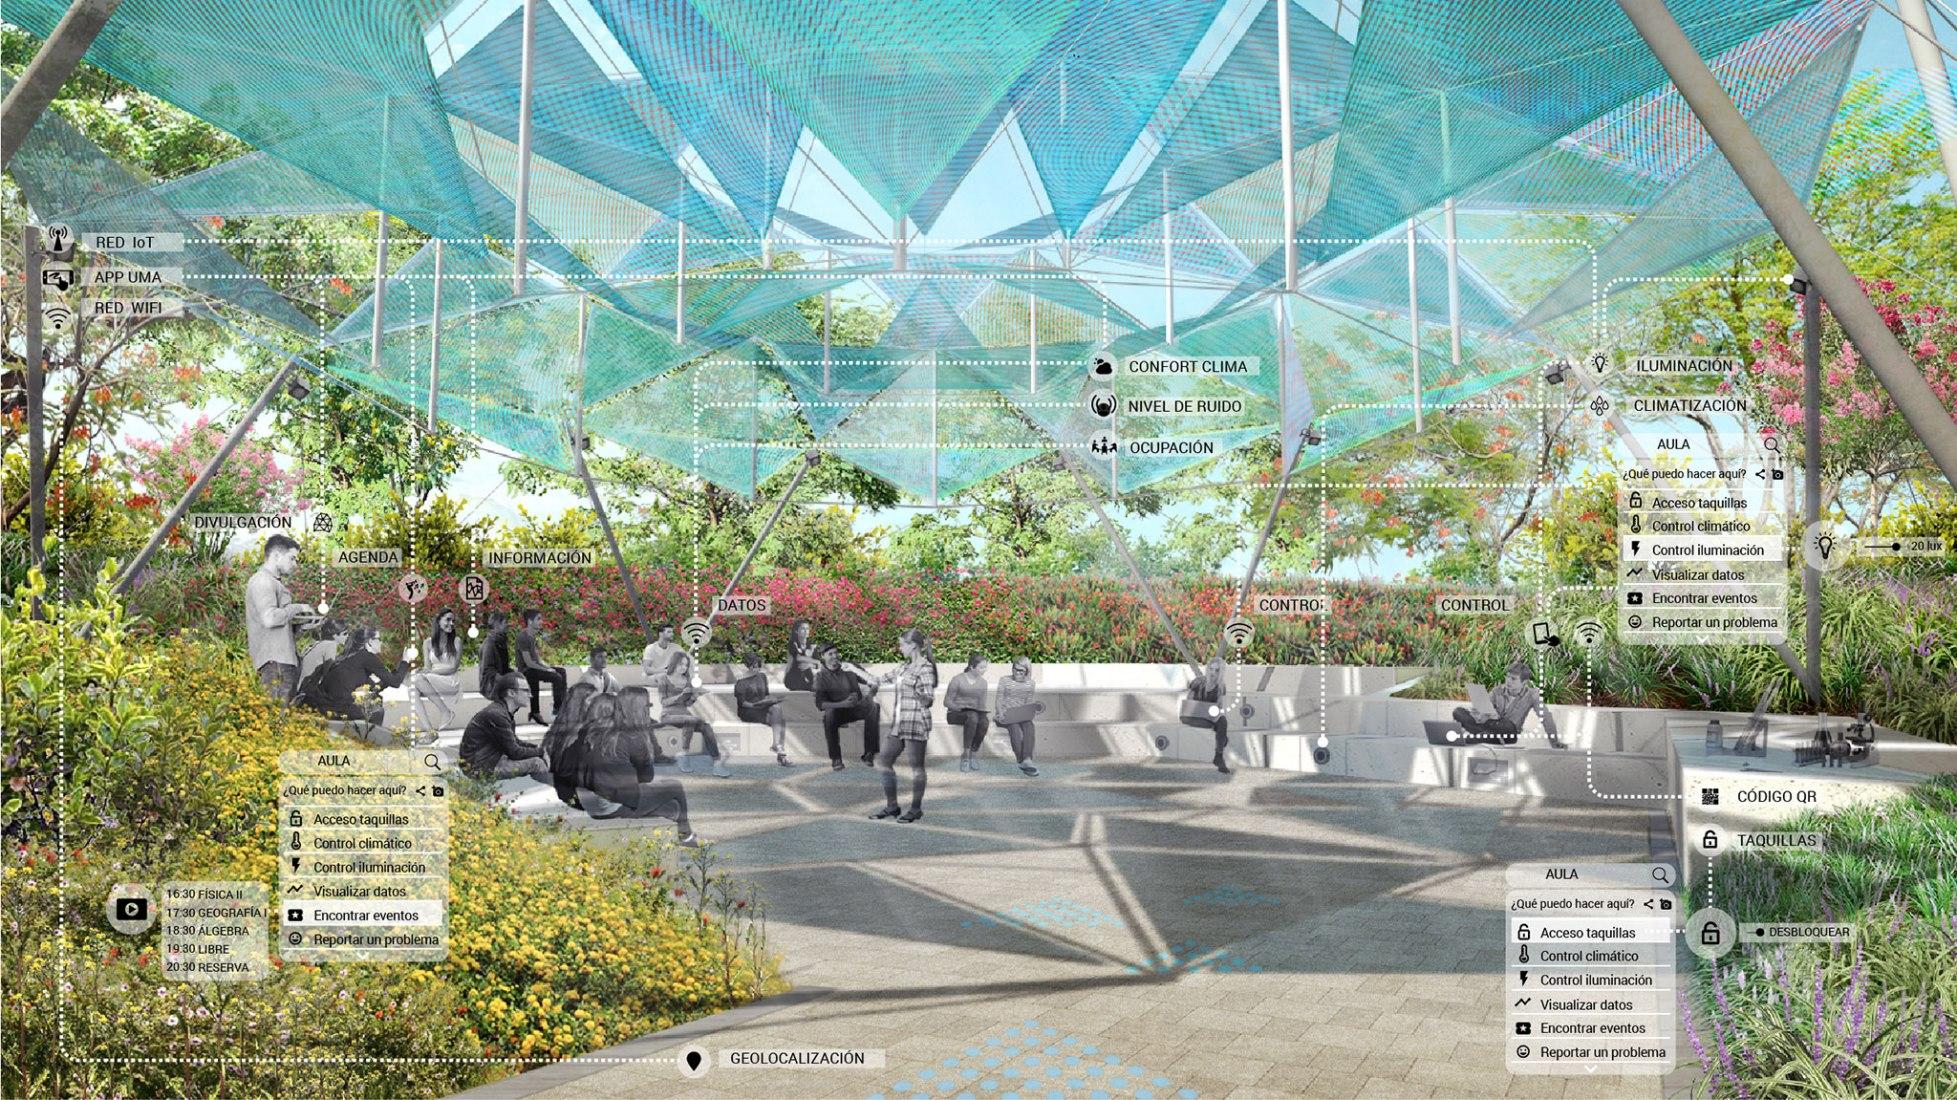 Campus Universidad de Málaga | Clase abierta por Ecosistema Urbano